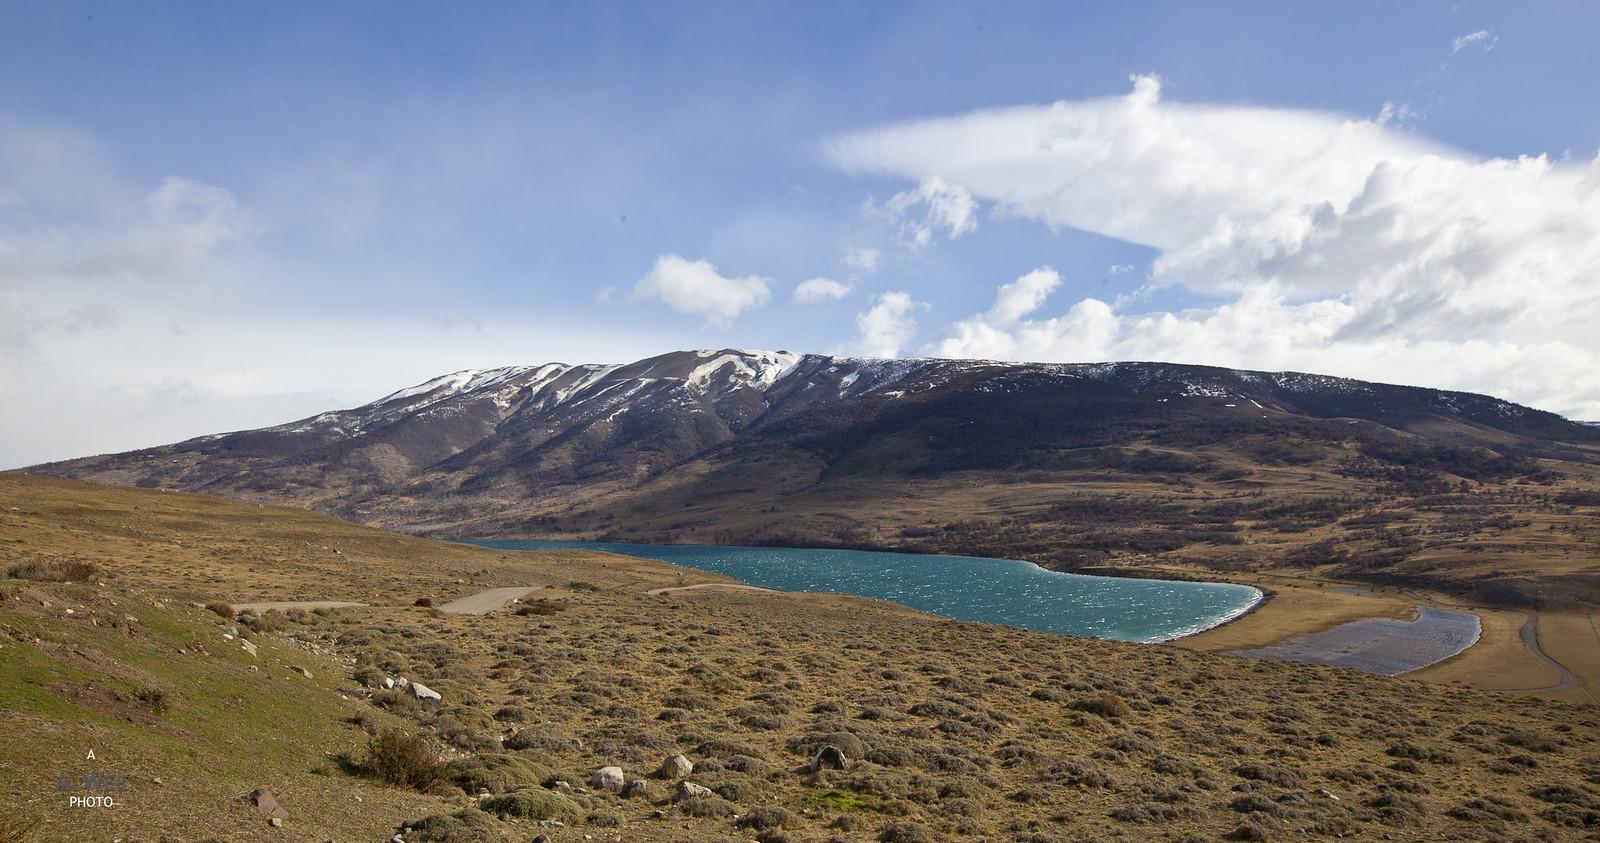 View of Laguna Azul